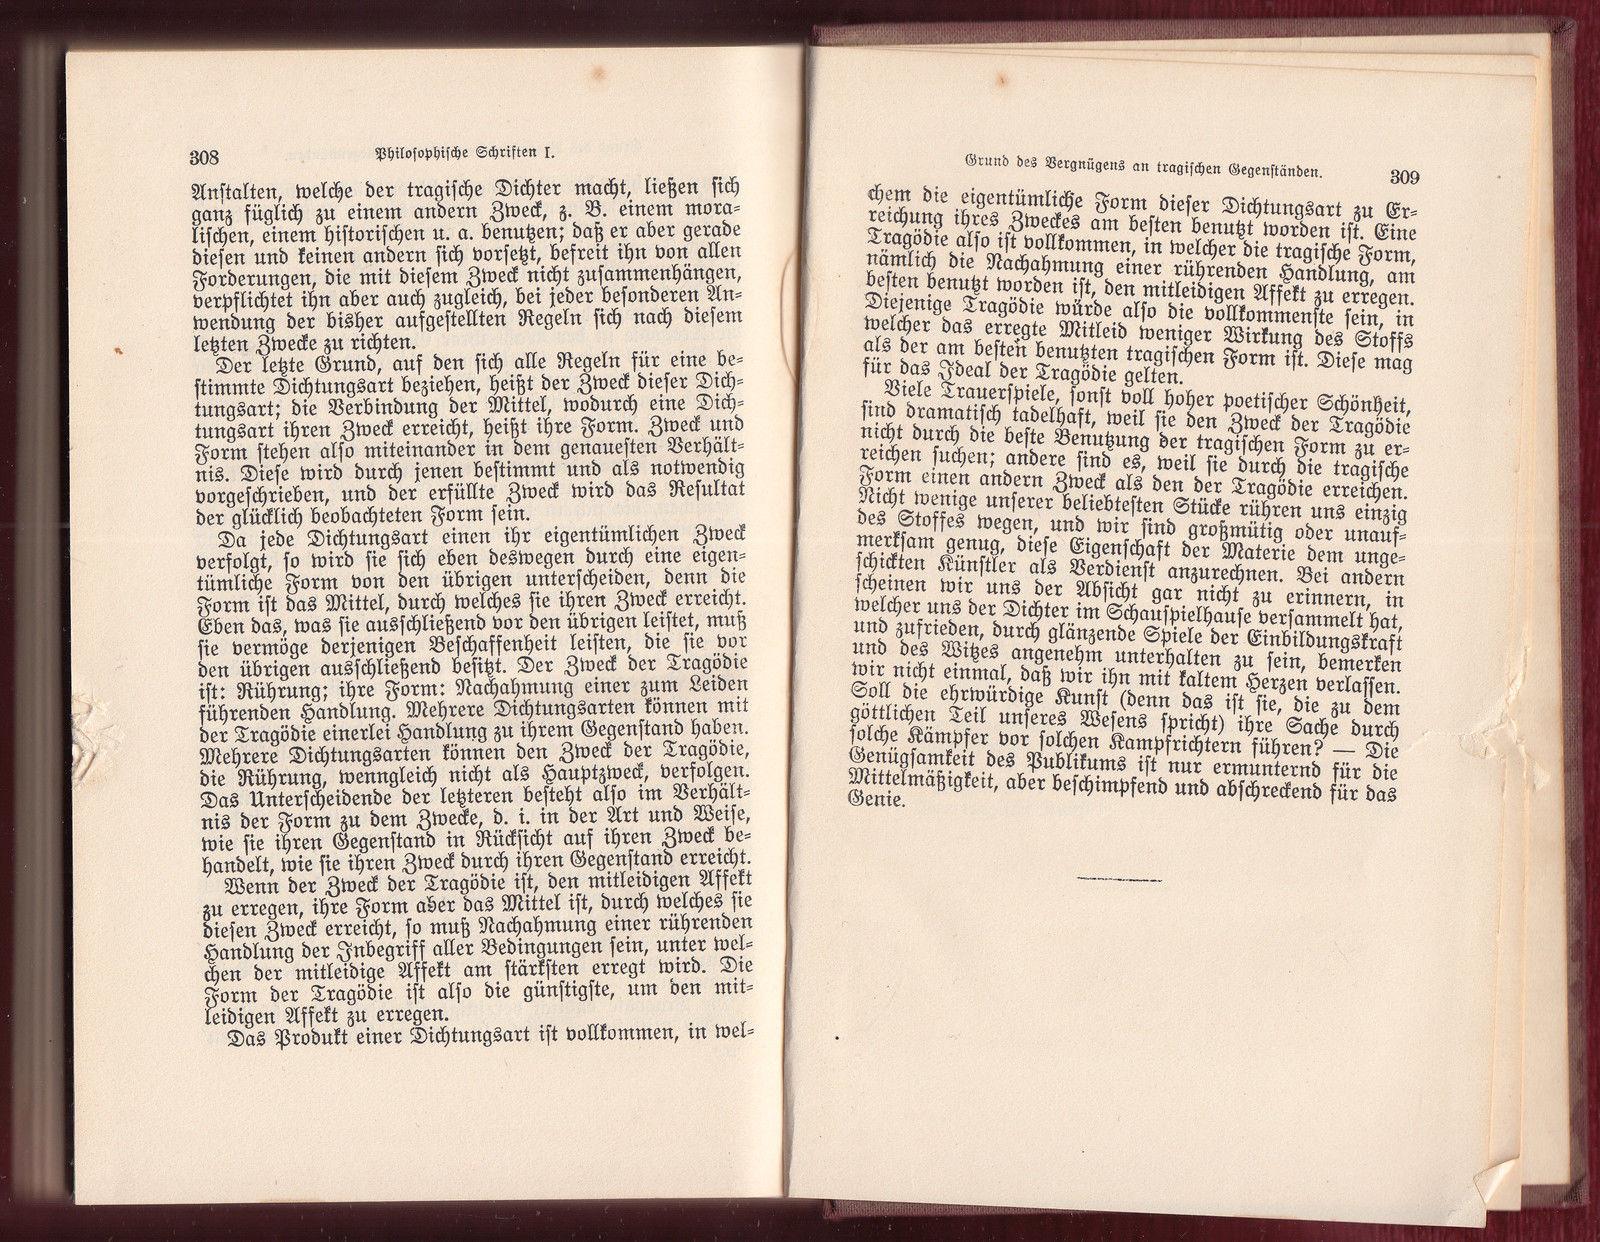 006 Friedrich Schiller Schriften Vol Werke Ger Philosophy History Essays Jpg Essay Awful Full